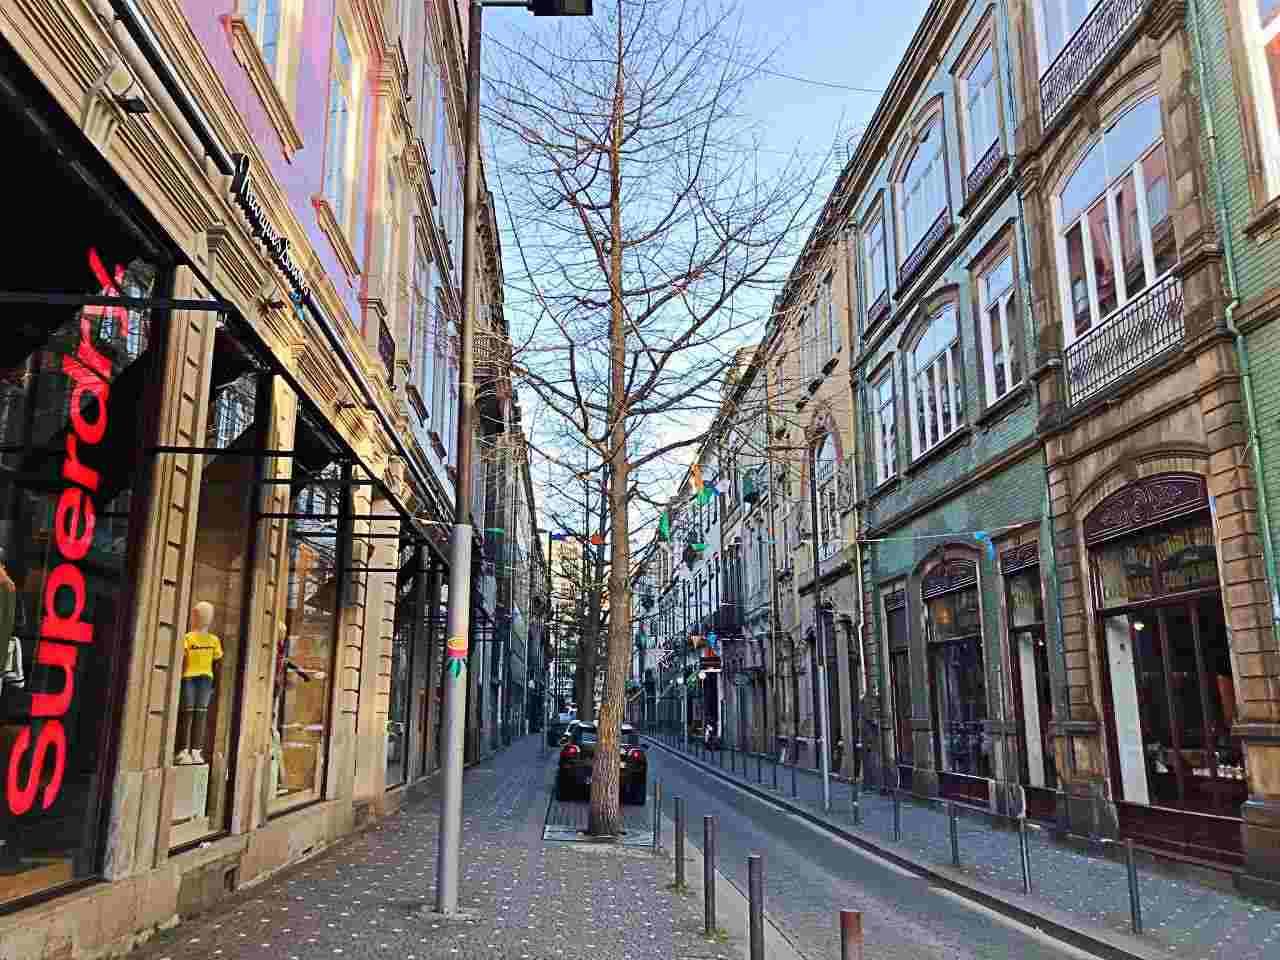 Galeria de Paris - O que fazer em Porto Portugal